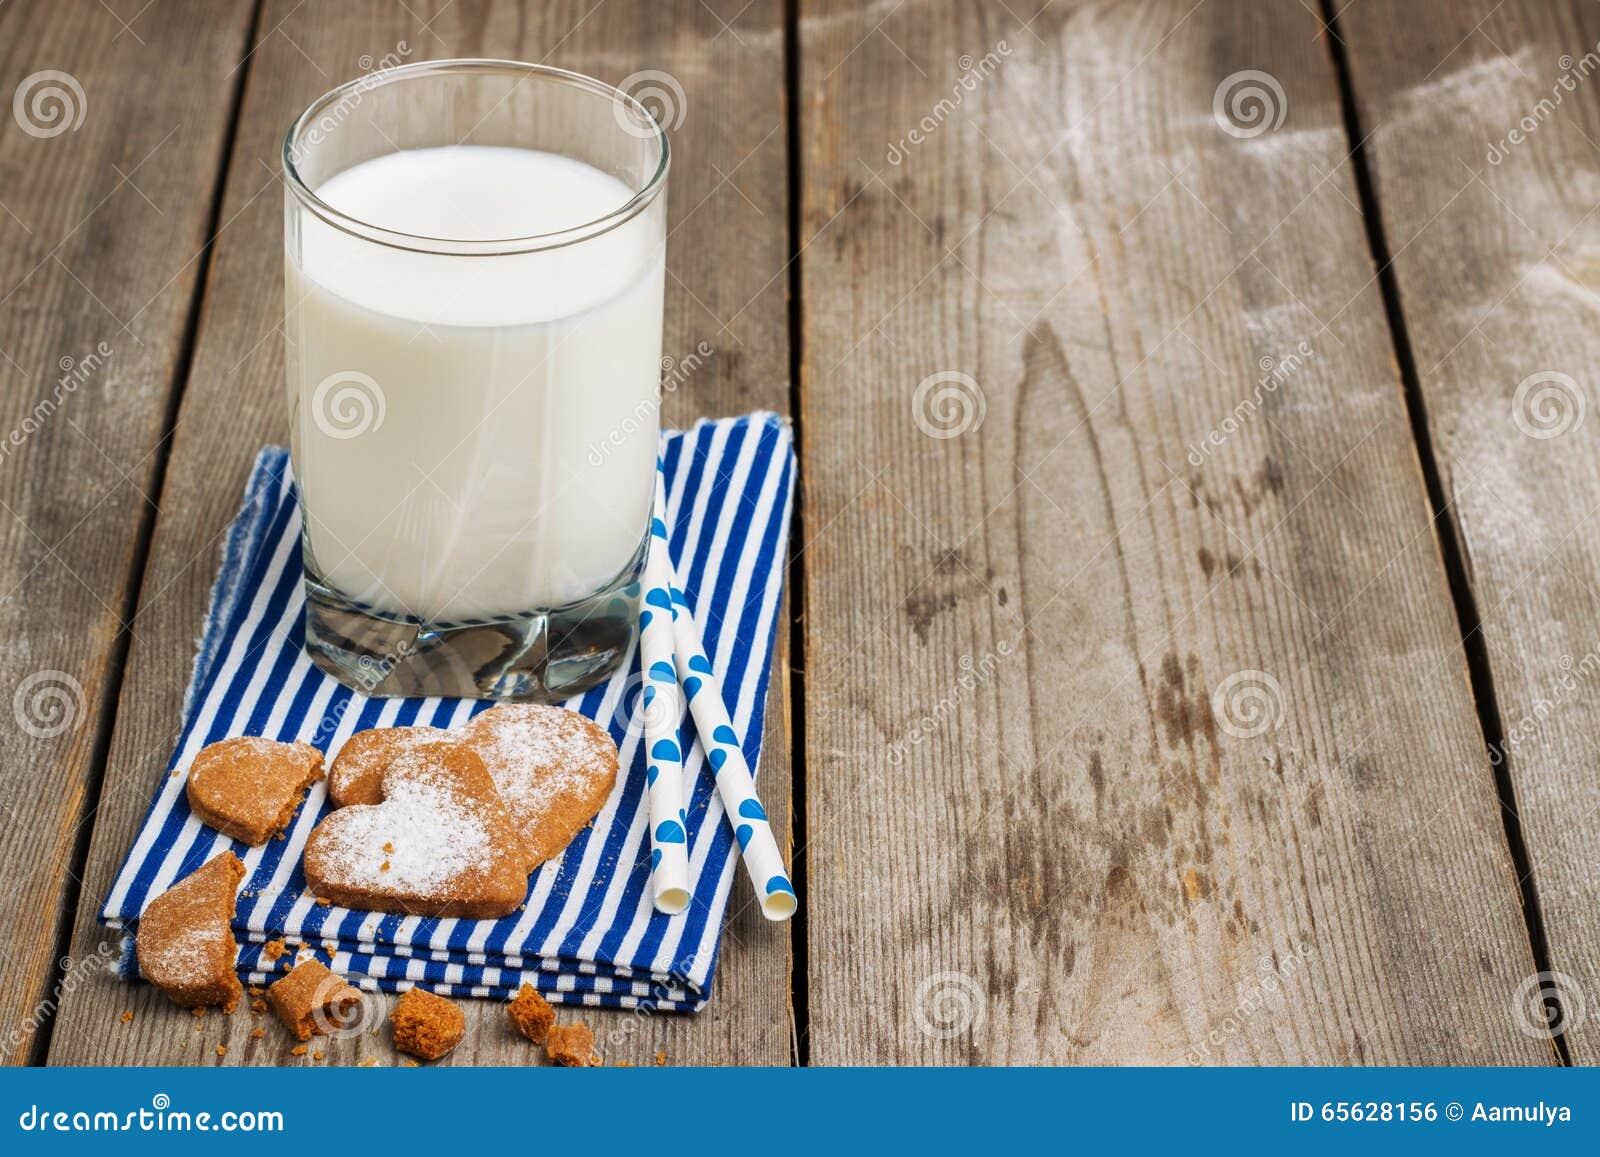 Verre de lait sur une table en bois rustique